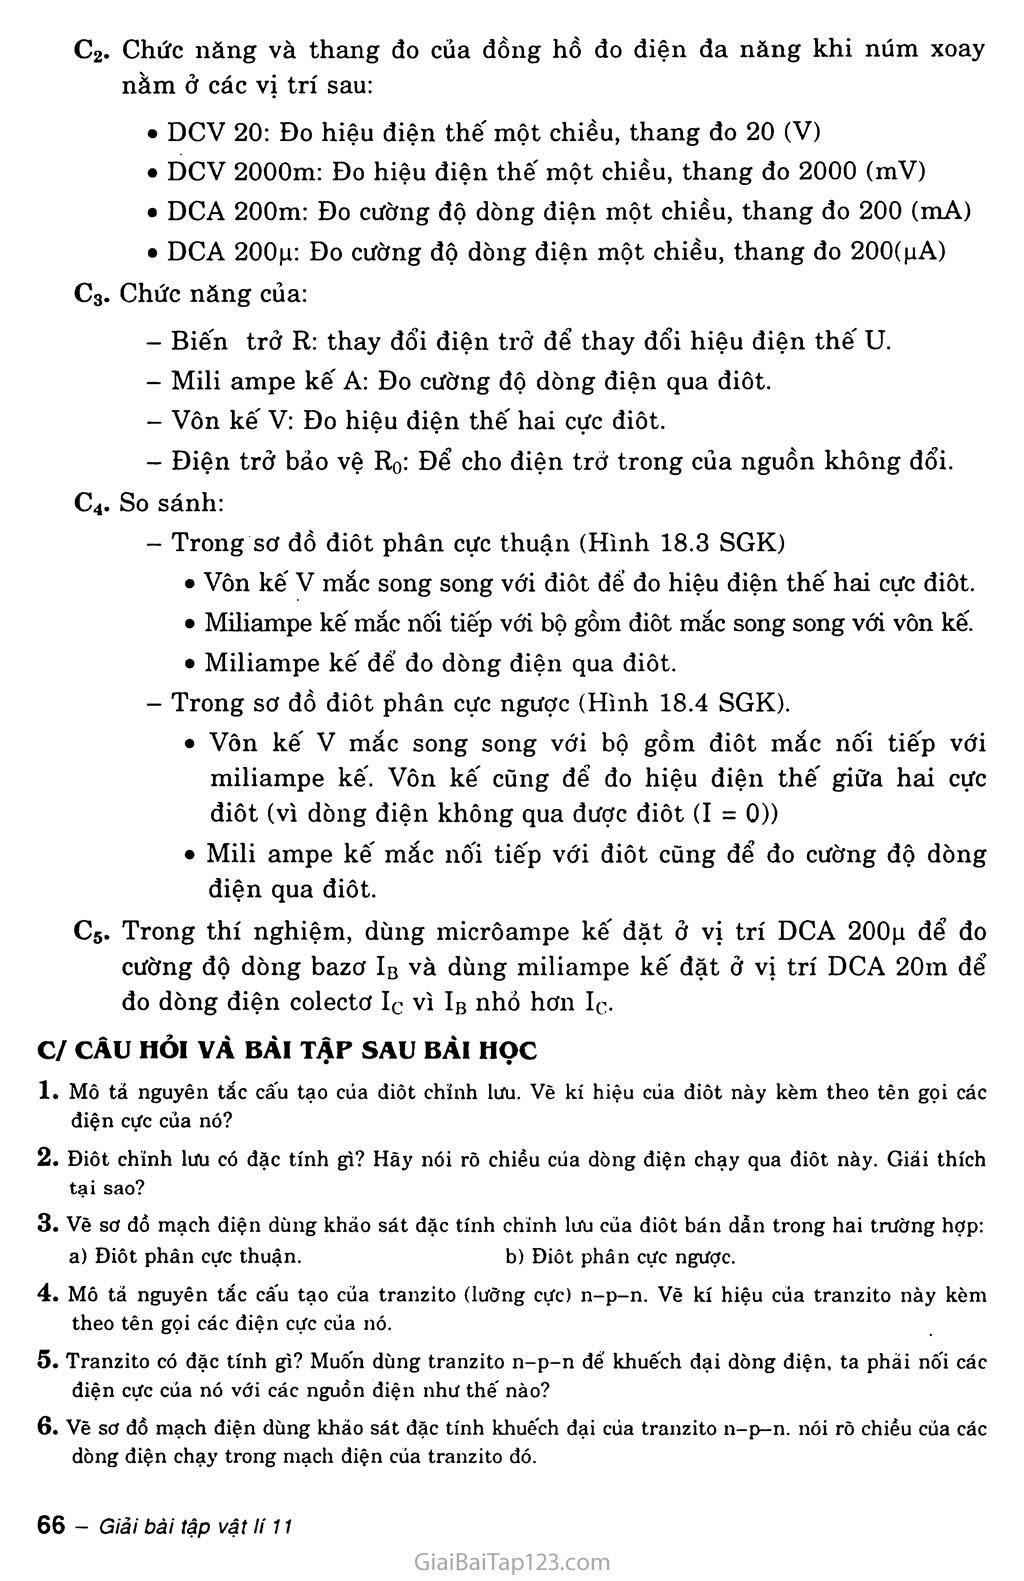 Bài 18. Thực hành: Khảo sát đặc tính chỉnh lưu của điốt bán dẫn và đặc tính khuếch đại của tranzito trang 3